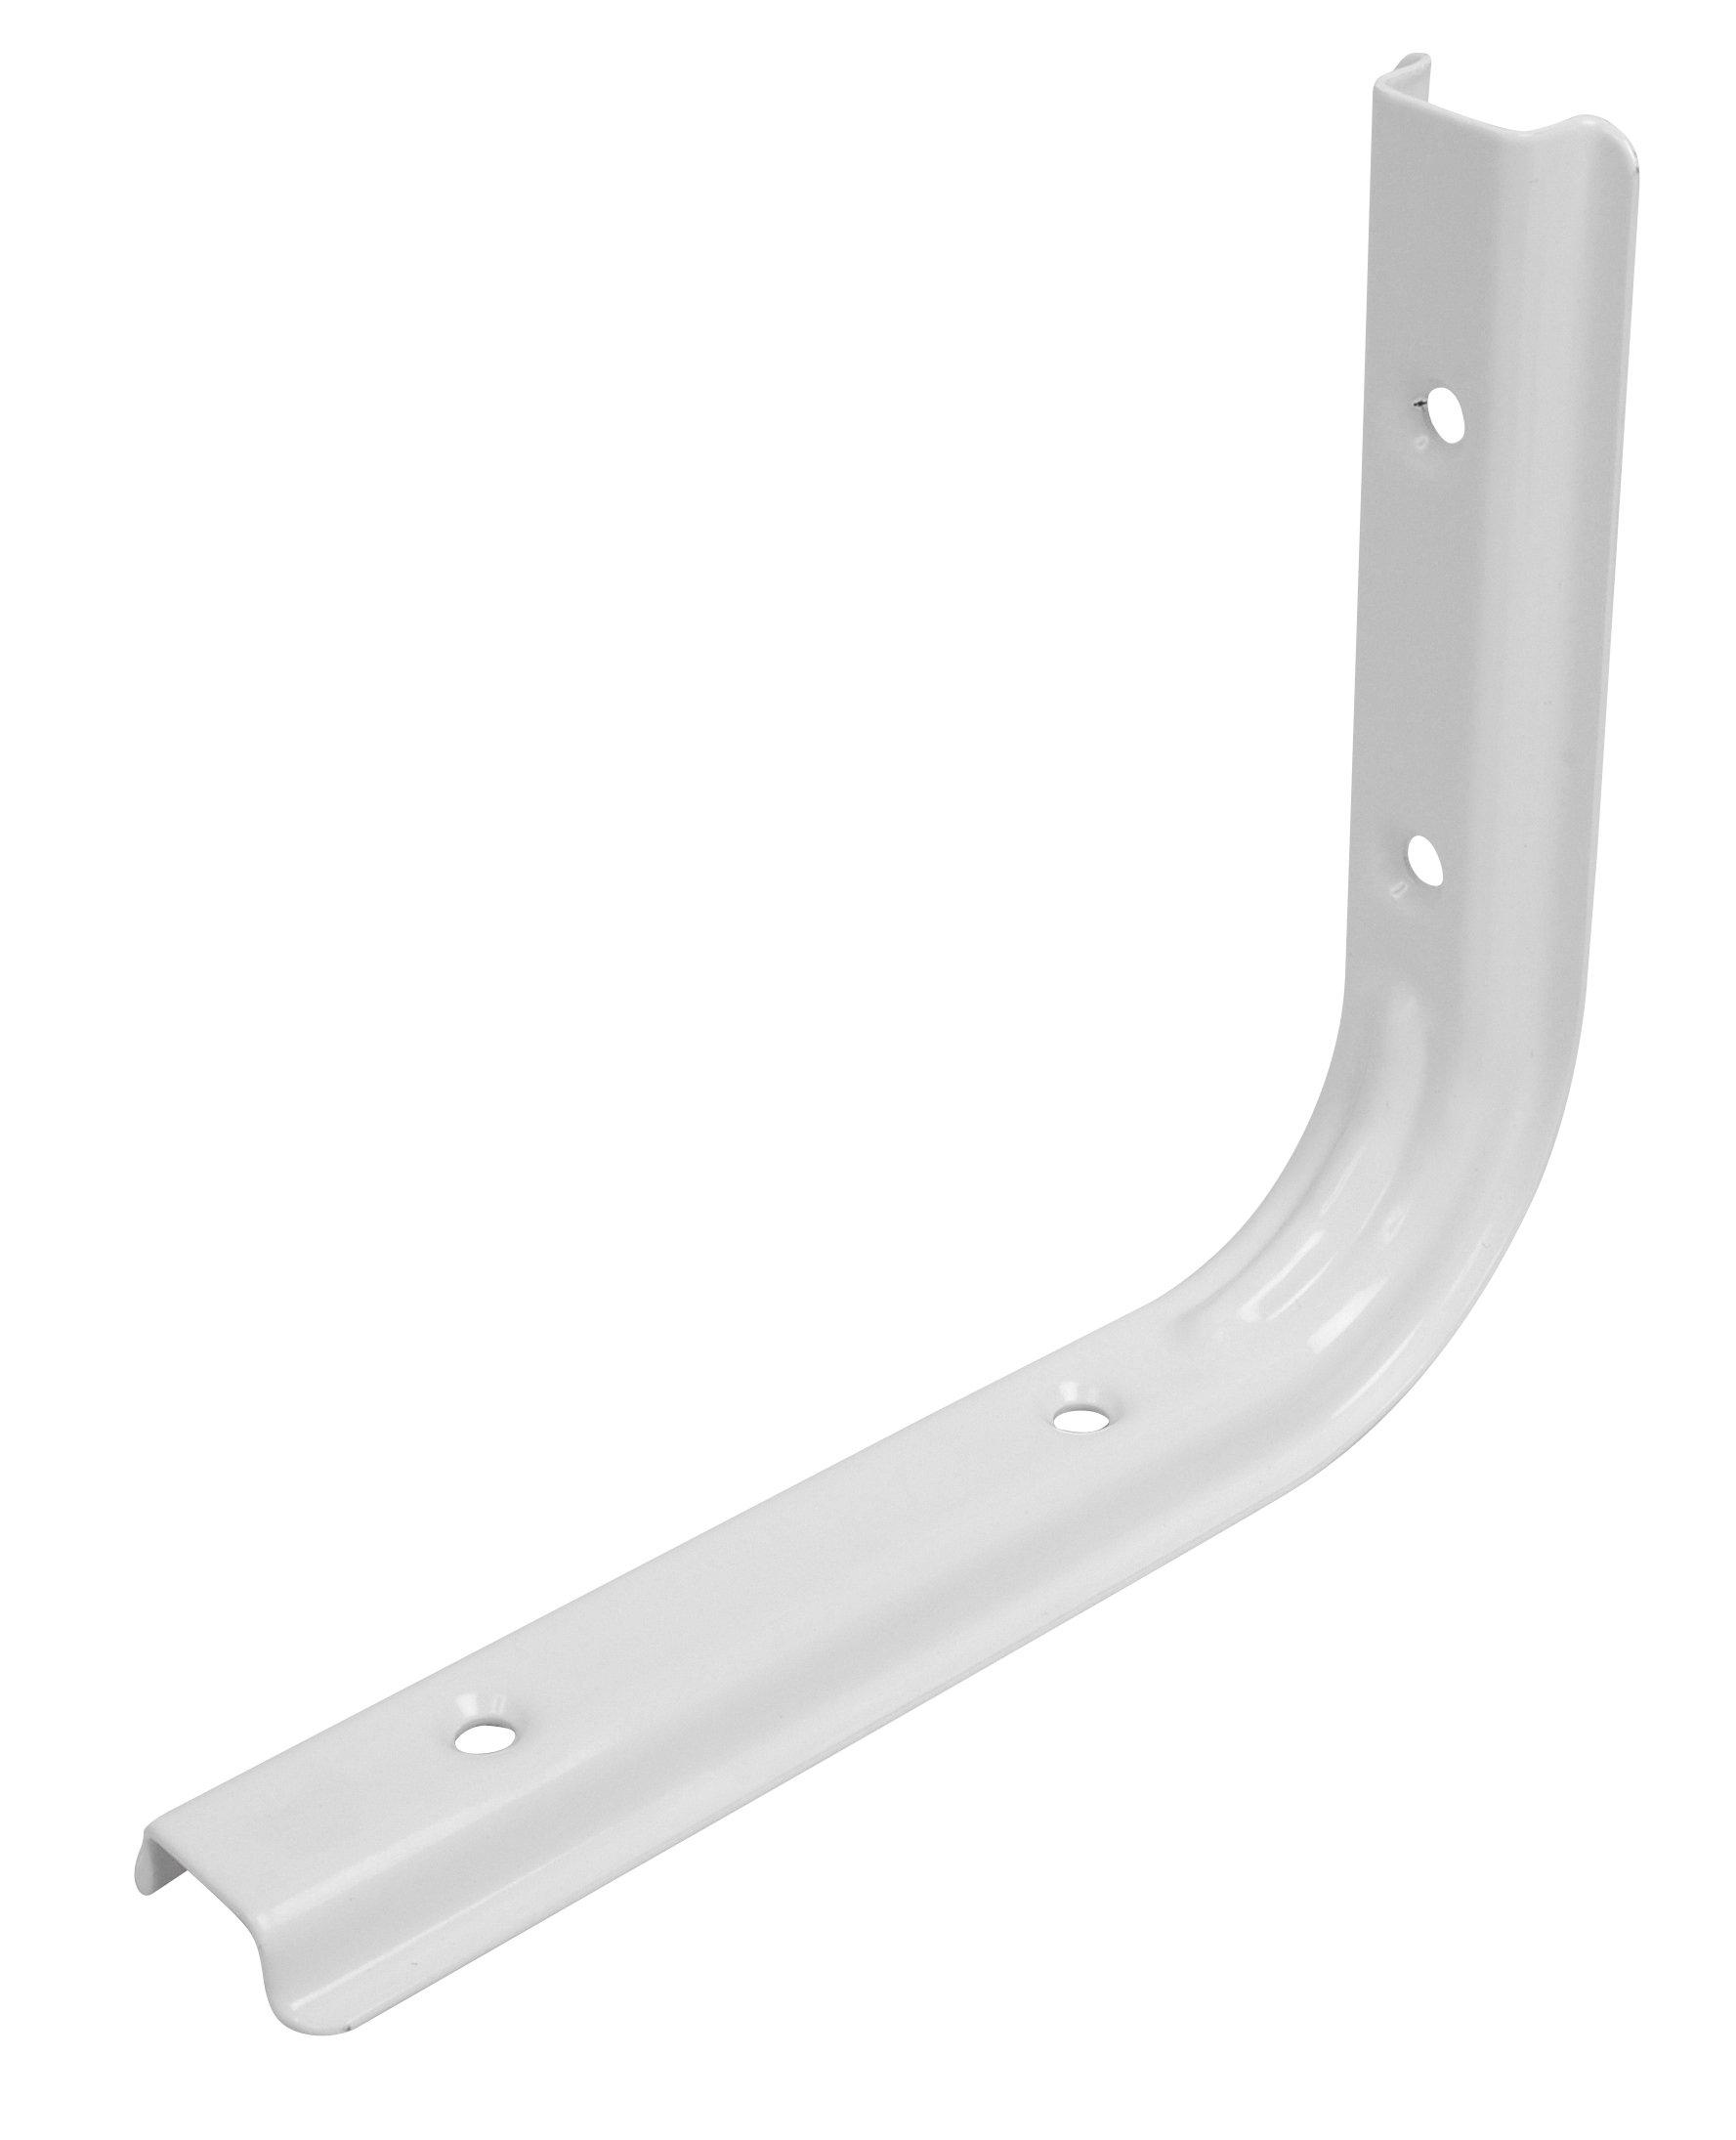 Hyldeknægt U-profil 125x150 mm. - hvid